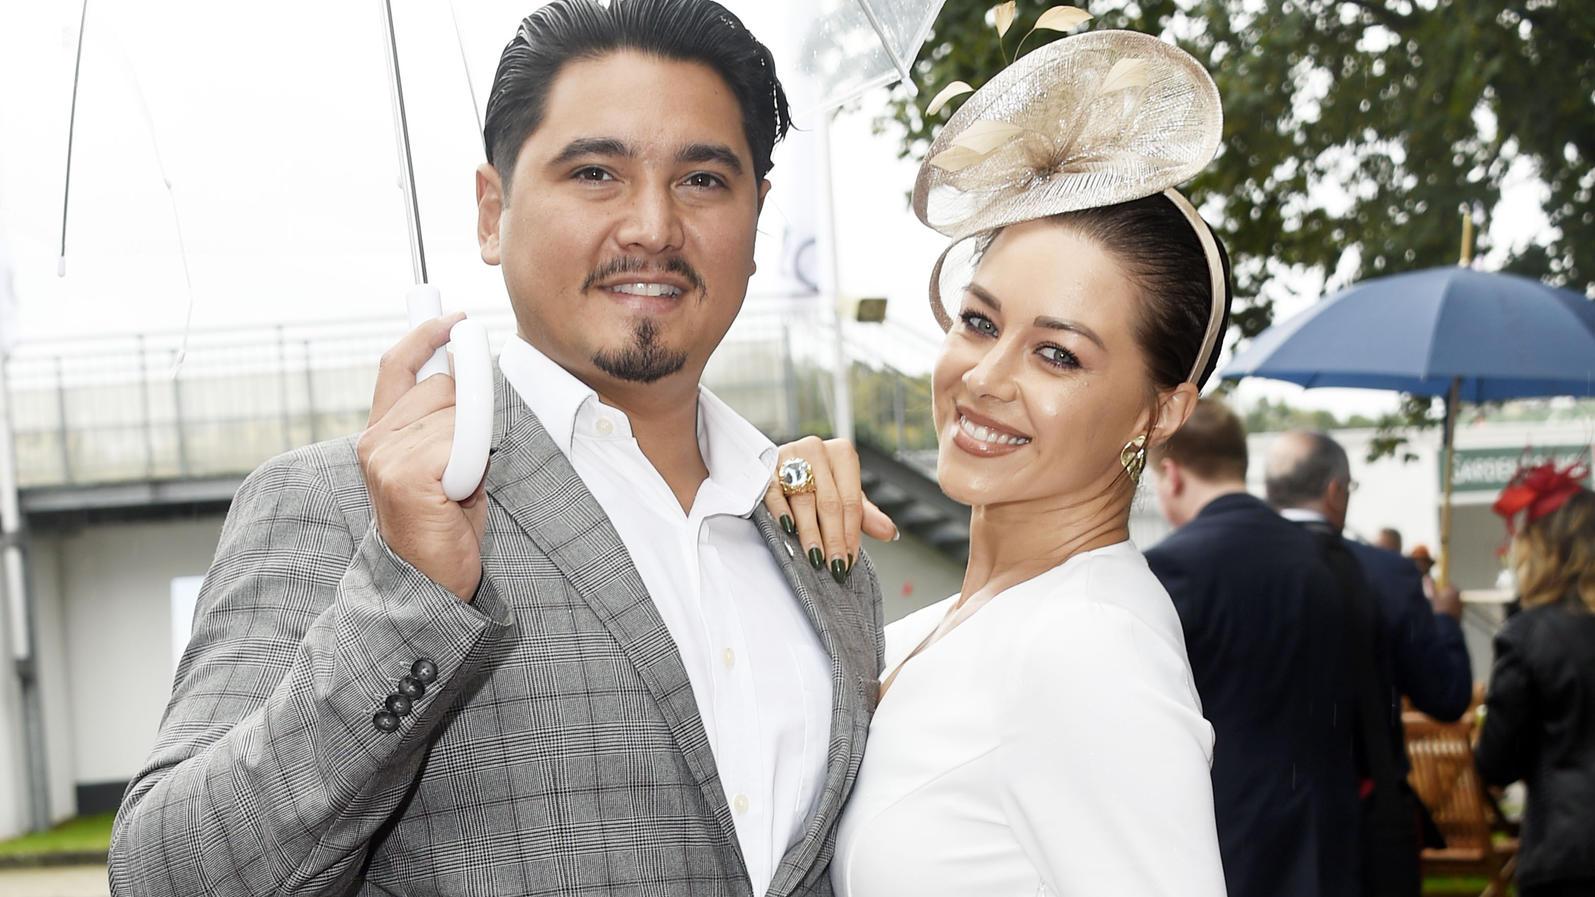 Profitänzer Erich Klann und Oana Nechiti sind immer noch schwer verliebt.